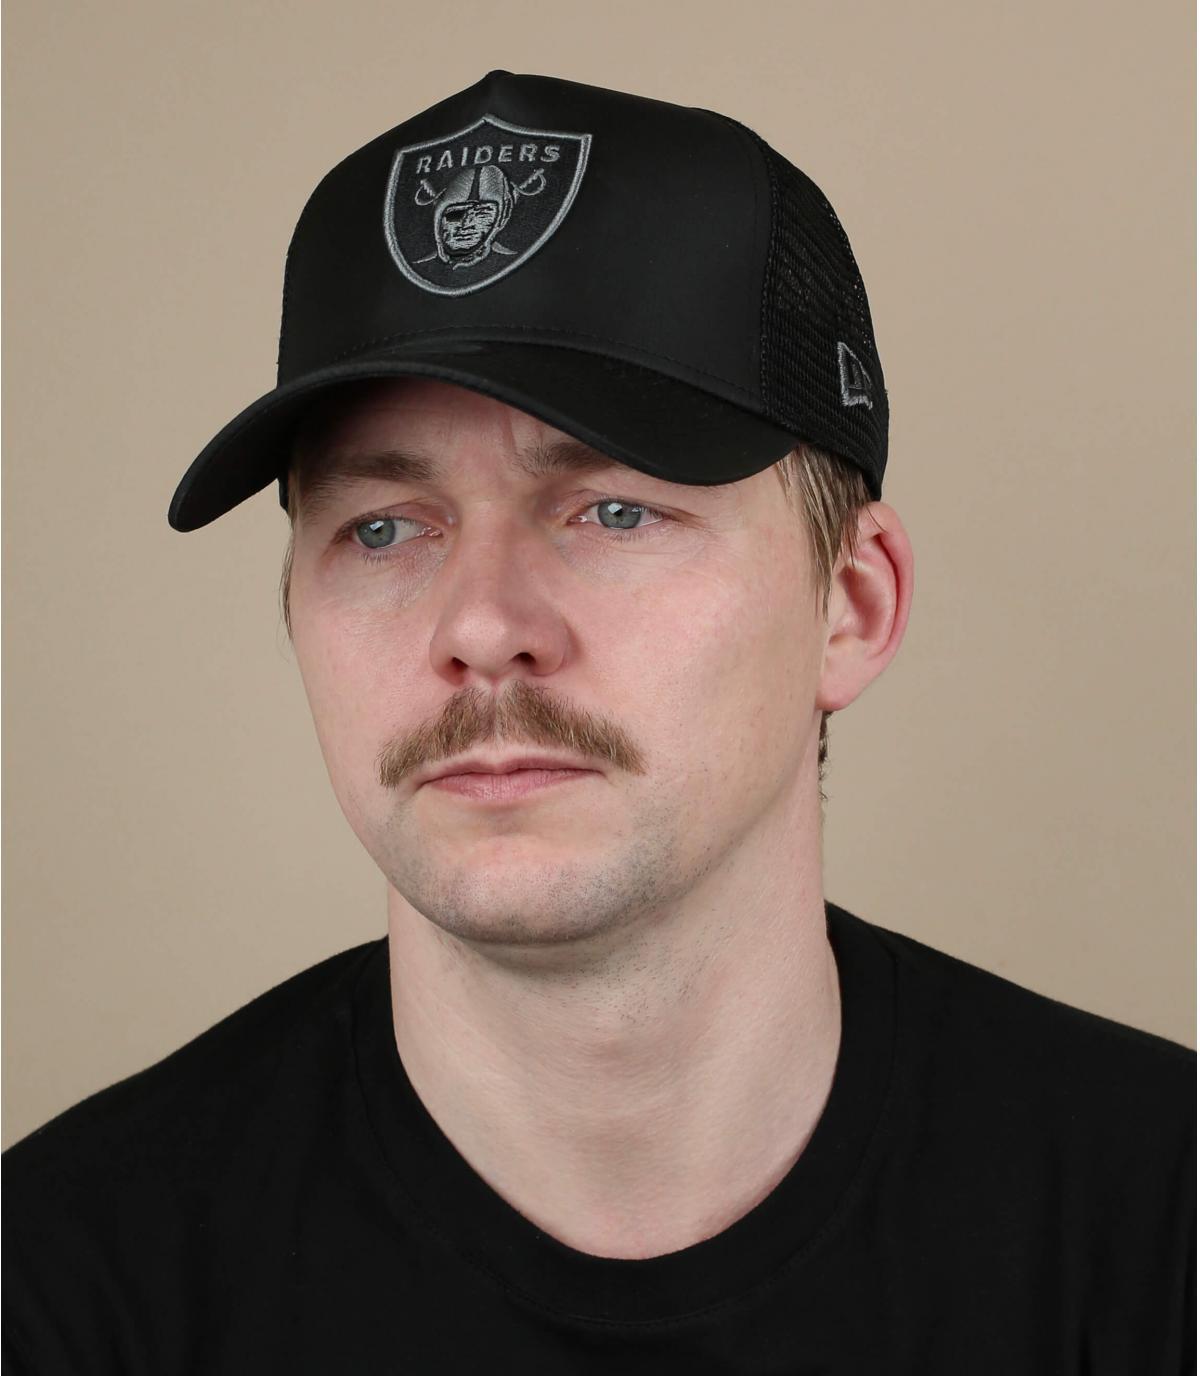 Trucker Raiders schwarz